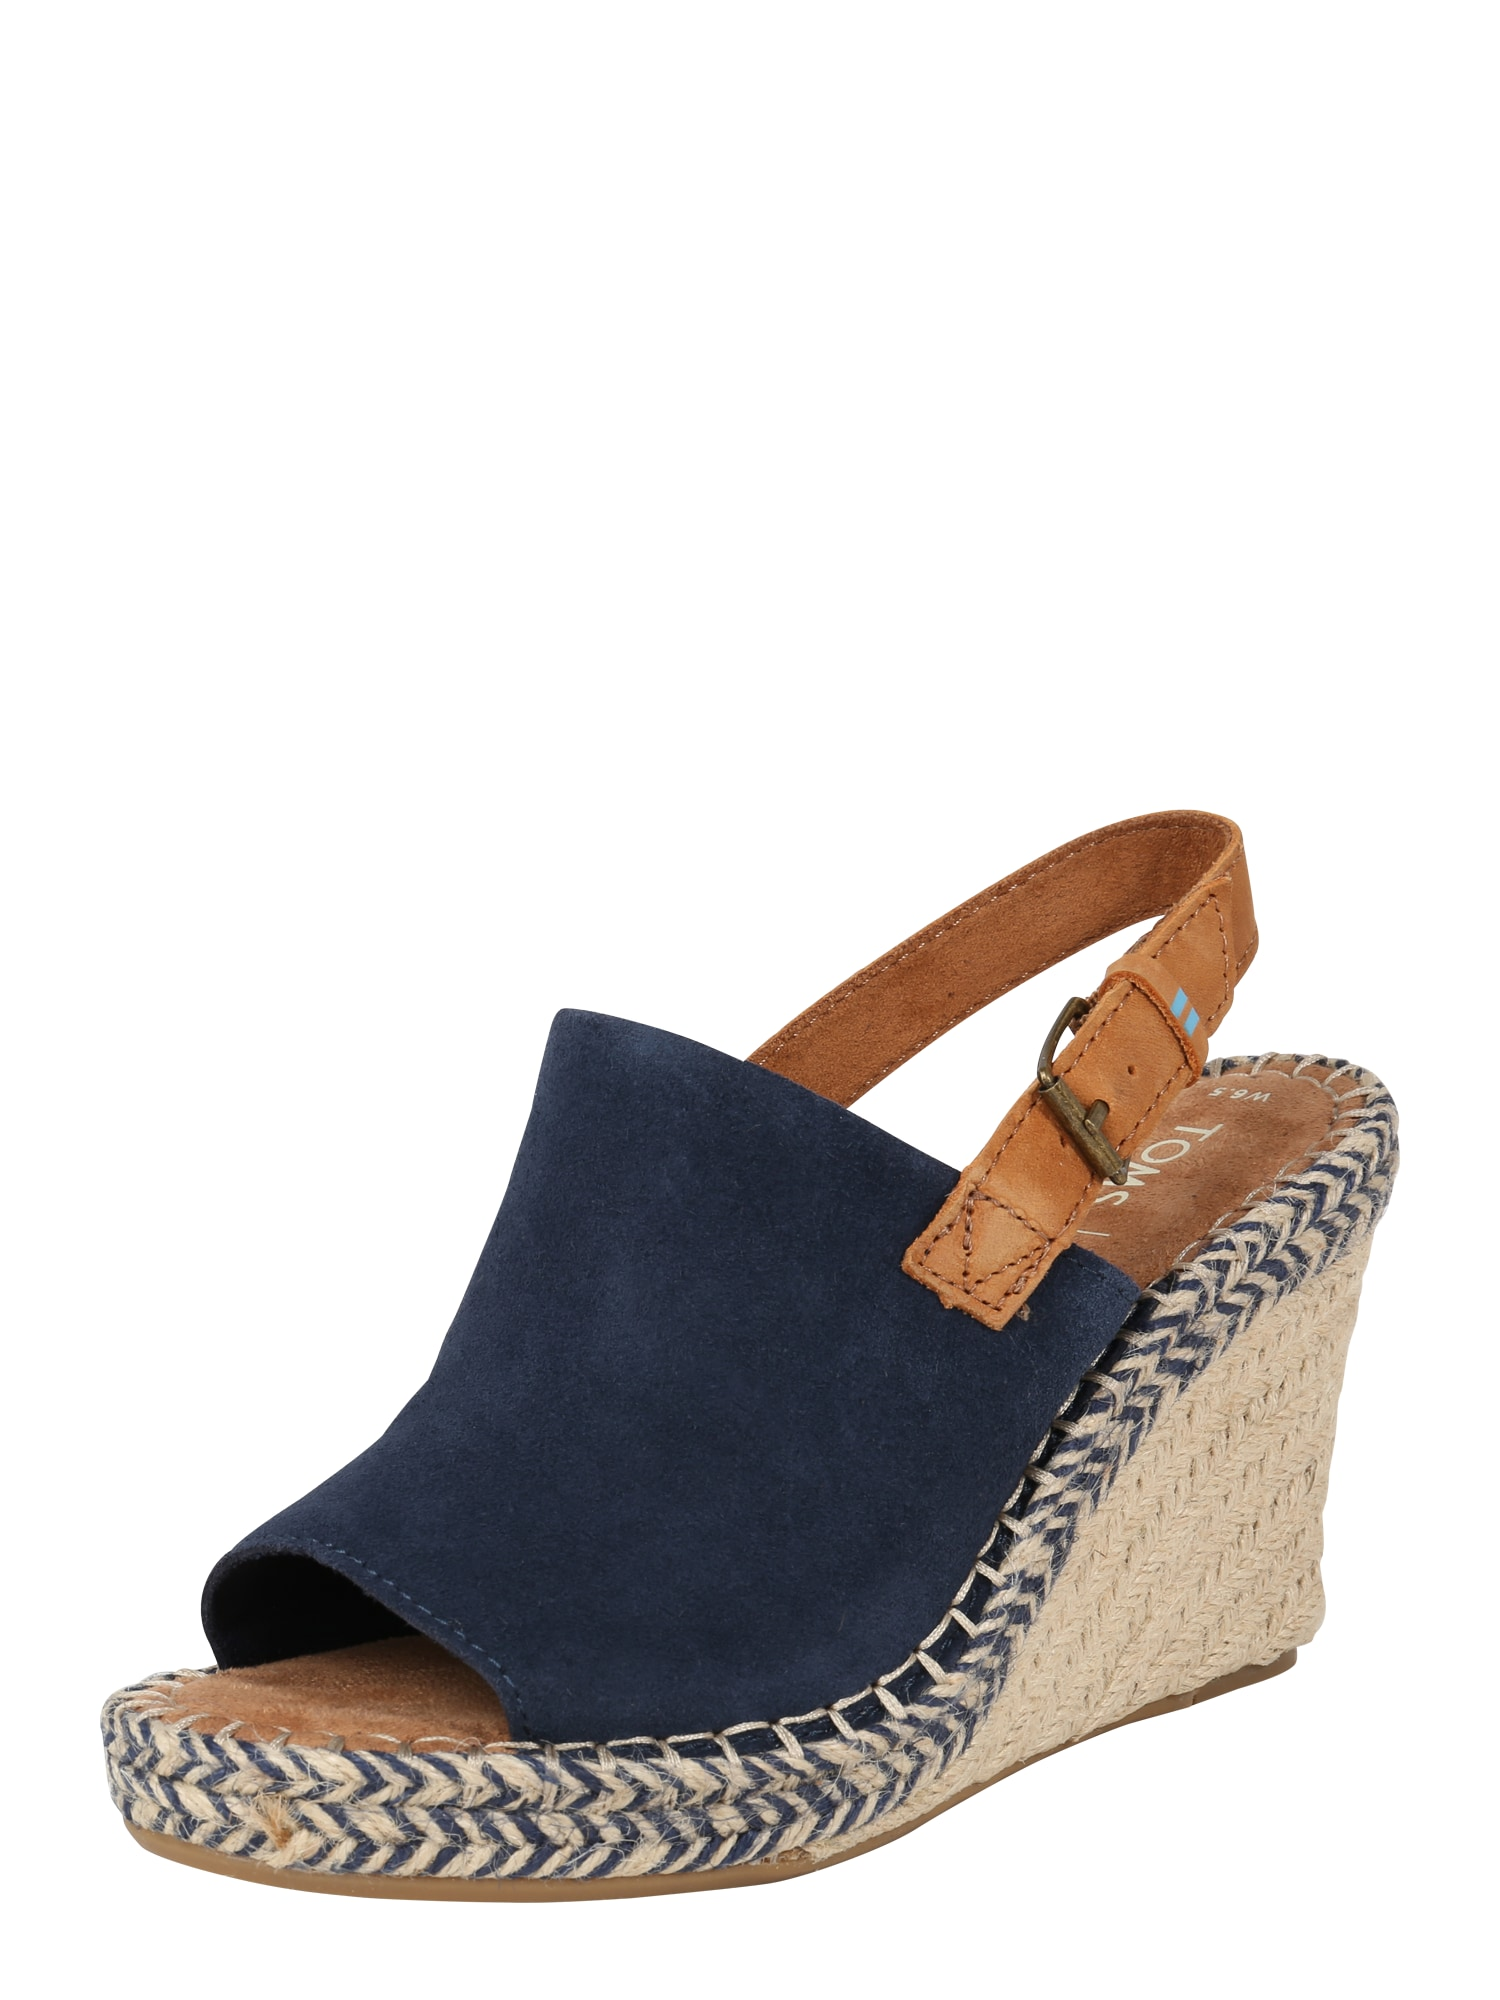 Páskové sandály MONICA béžová námořnická modř TOMS